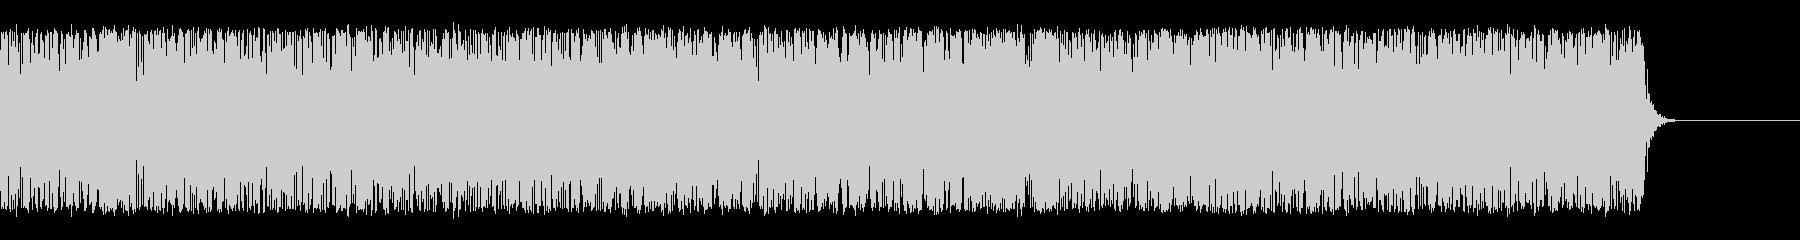 ノイズ パチッ01の未再生の波形